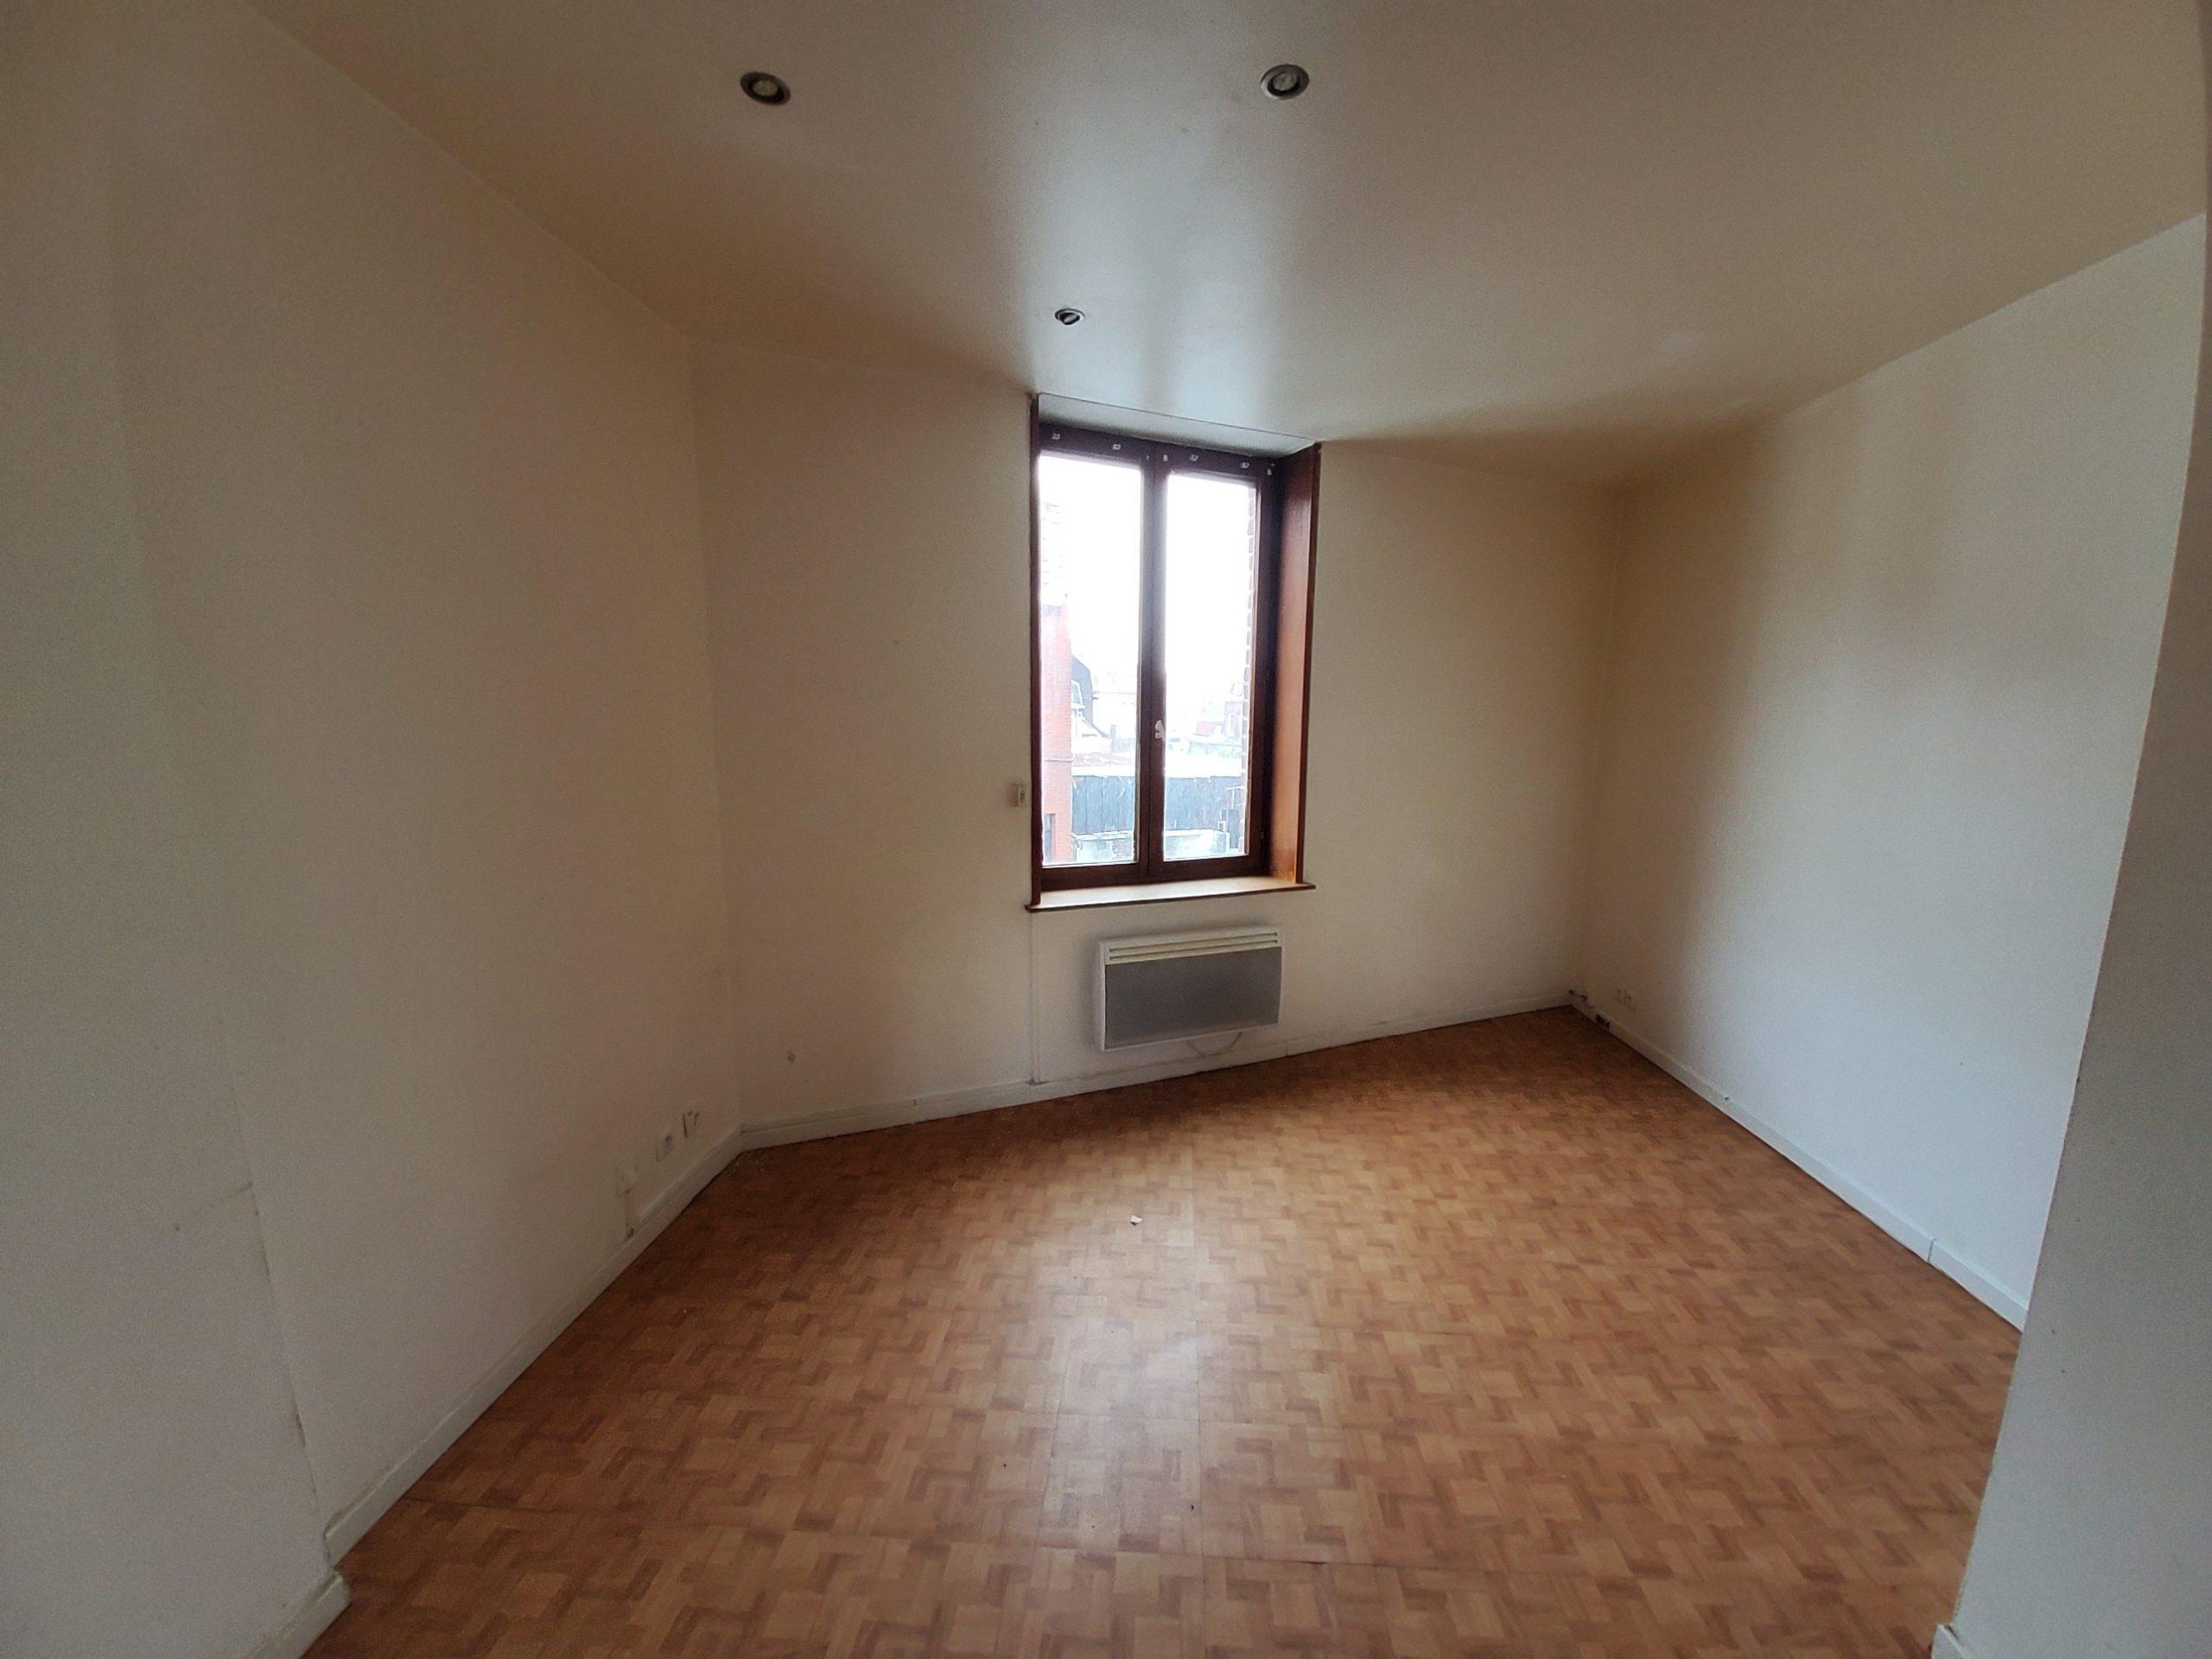 Duplex / Appartement dans une Maison 1930 Roubaix 3 pièce(s) 51 m2